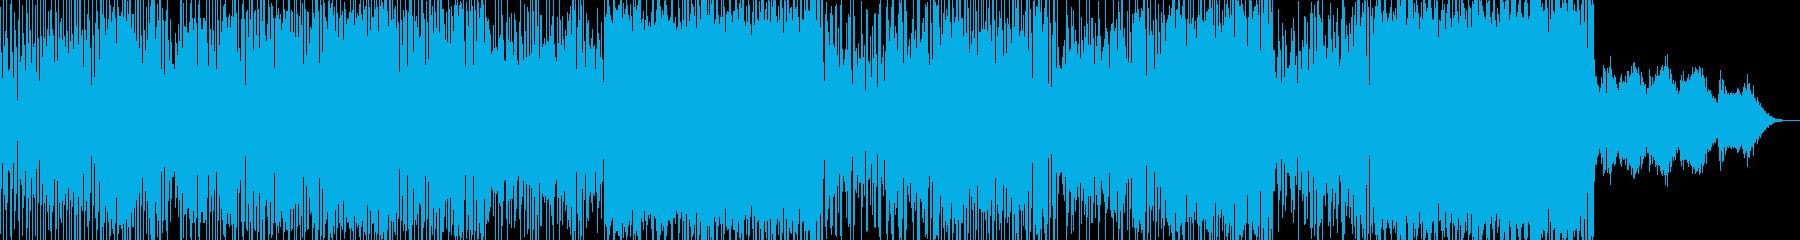 ドタバタなラブコメ・アニメ調ポップスの再生済みの波形